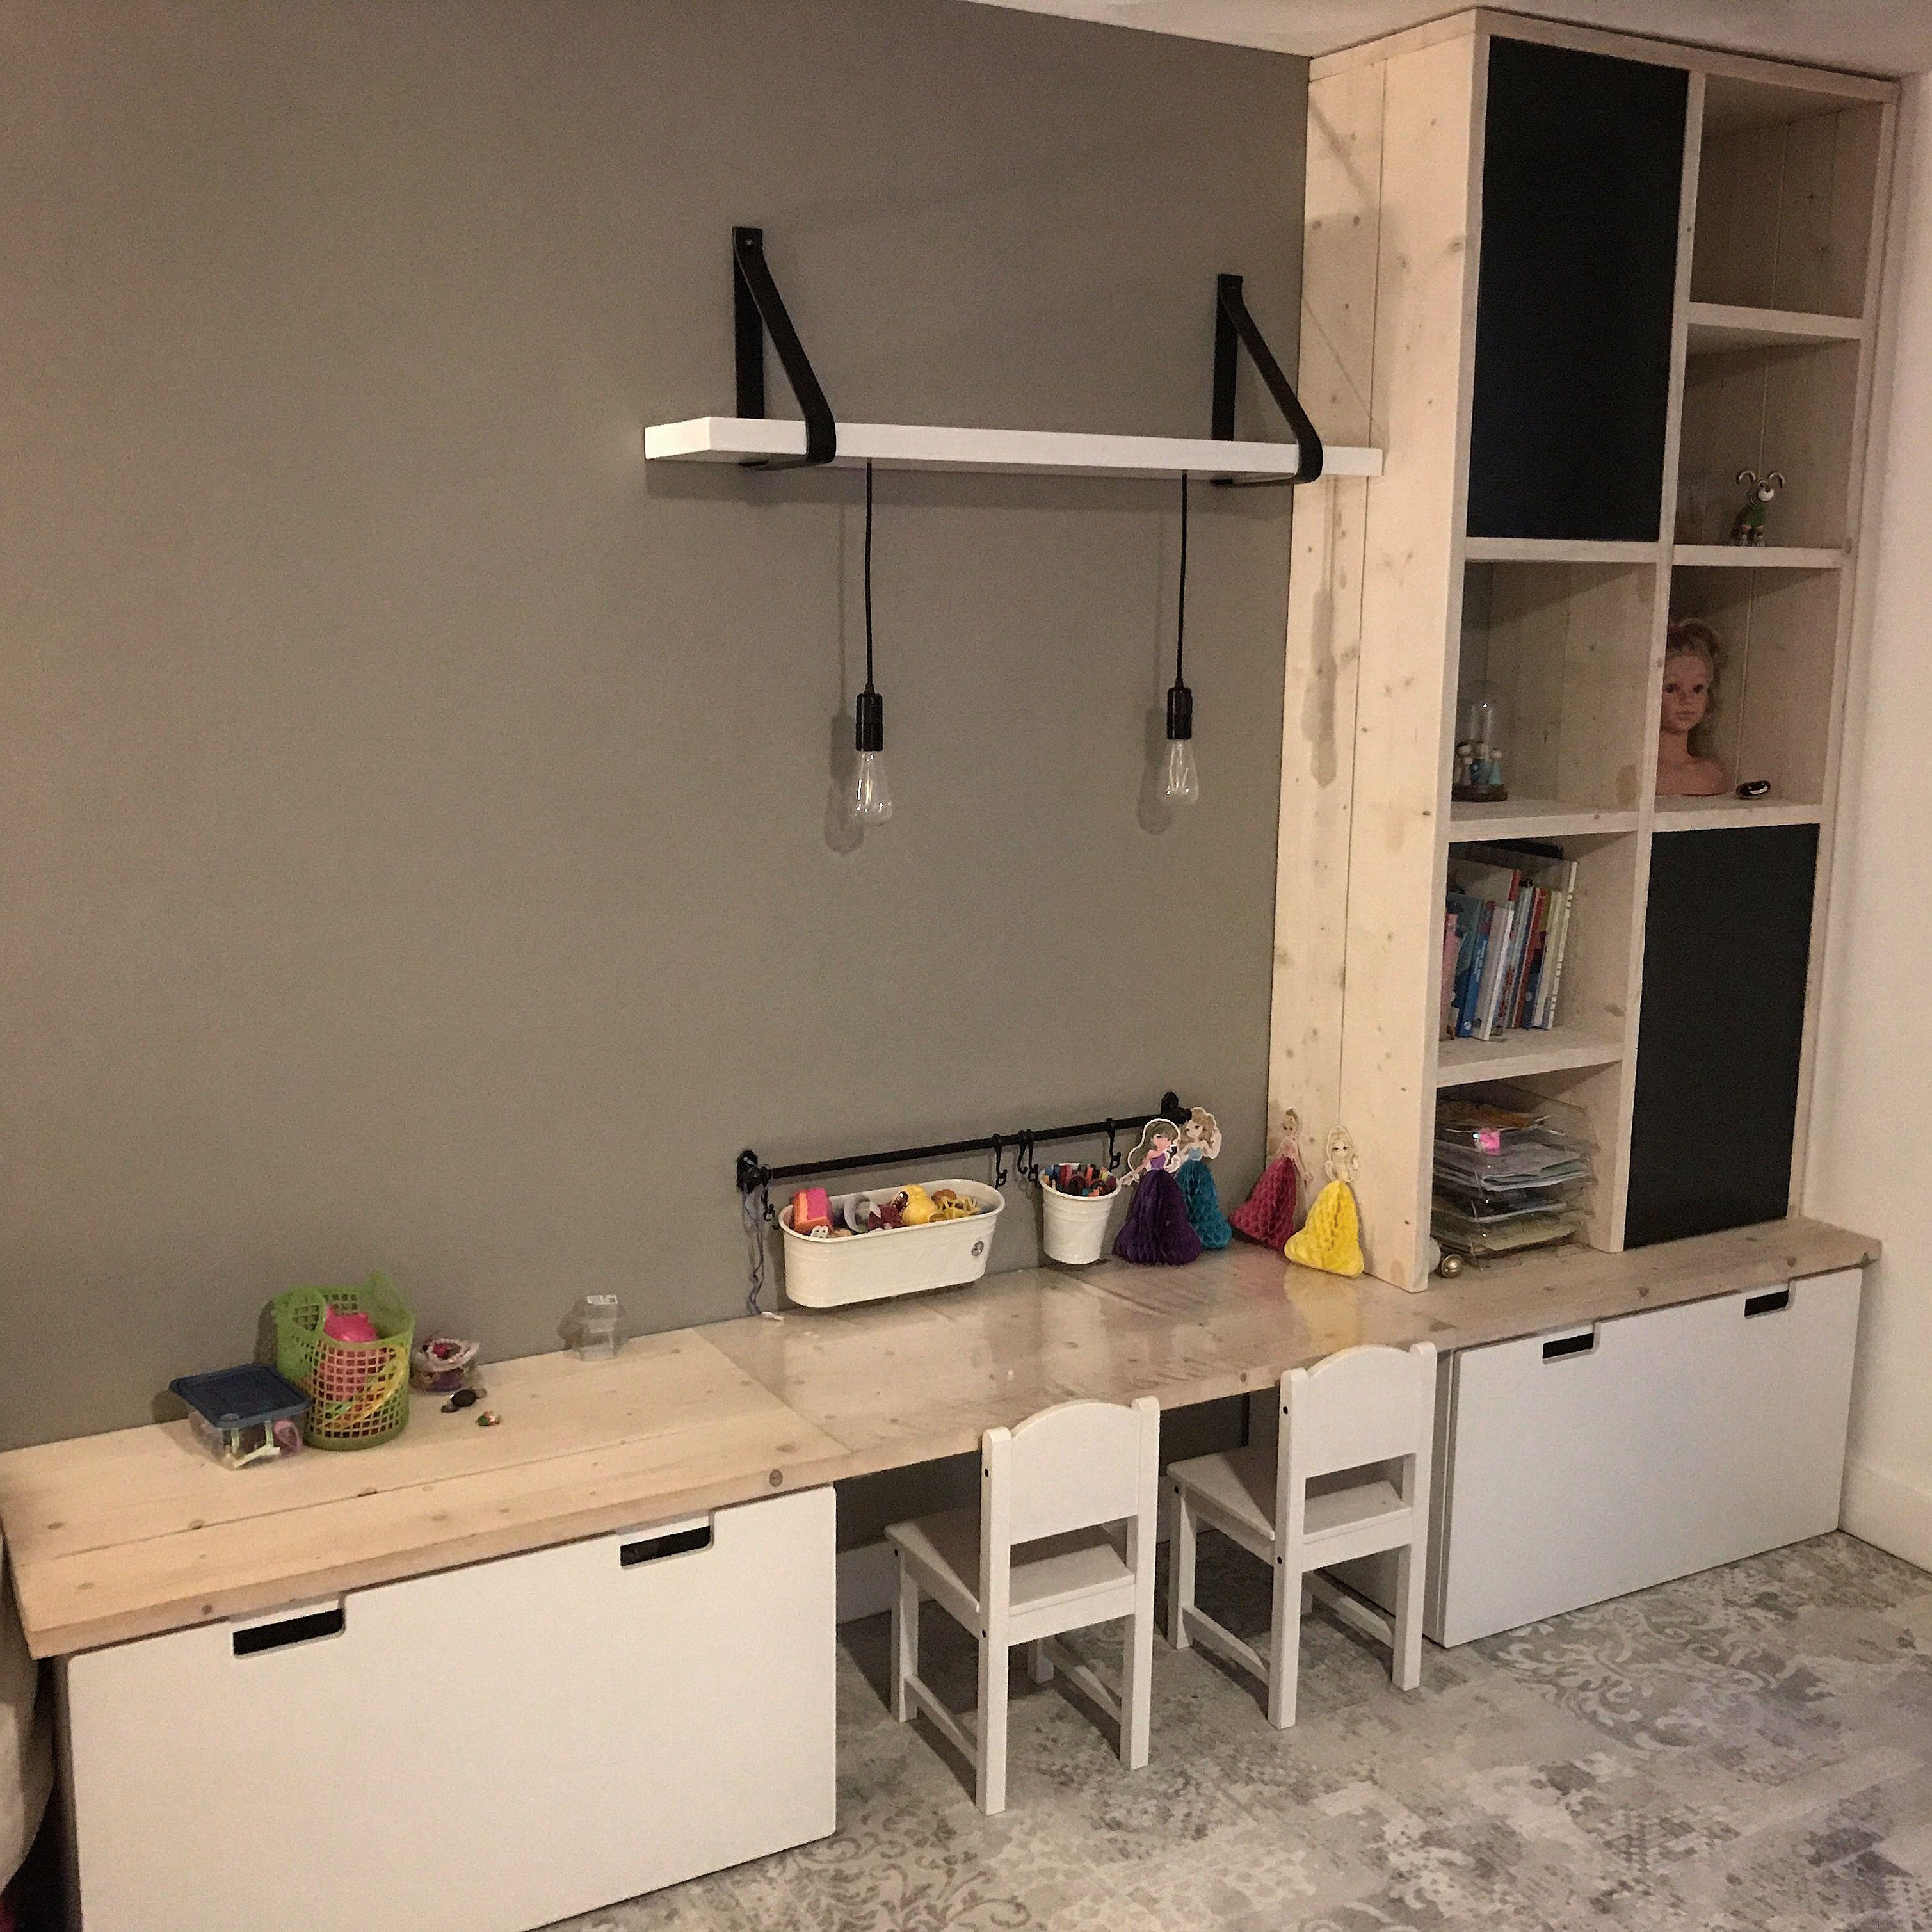 Upgrade Kast Speelmeubel Speelkamer Ideeen Interieur Ideeen Interieur